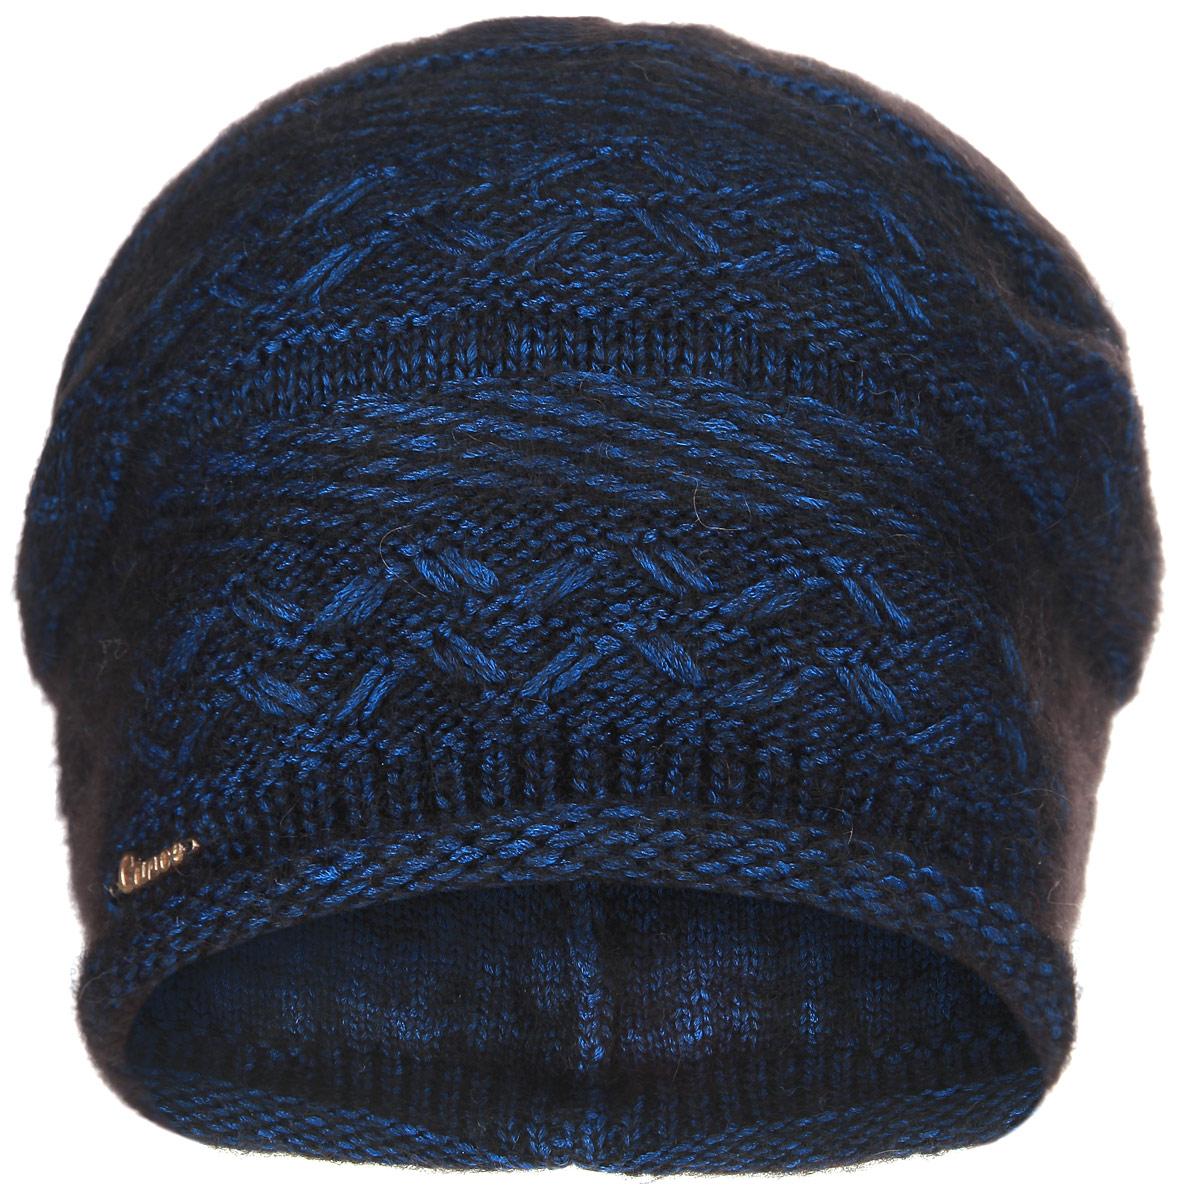 3445460Удлиненная женская шапка Canoe Amanda с ажурным рисунком отлично дополнит ваш образ в холодную погоду. Сочетание суперкид мохера, вискозы и полиамида максимально сохраняет тепло и обеспечивает удобную посадку, невероятную легкость и мягкость. Визуально пряжа имеет красивое , двухцветное переплетение, создающее ощущение глубины и объема внутри изделия. Шапка украшена небольшим декоративным элементом с изображением надписи Canoe. Привлекательная стильная шапка Canoe Amanda подчеркнет ваш неповторимый стиль и индивидуальность.